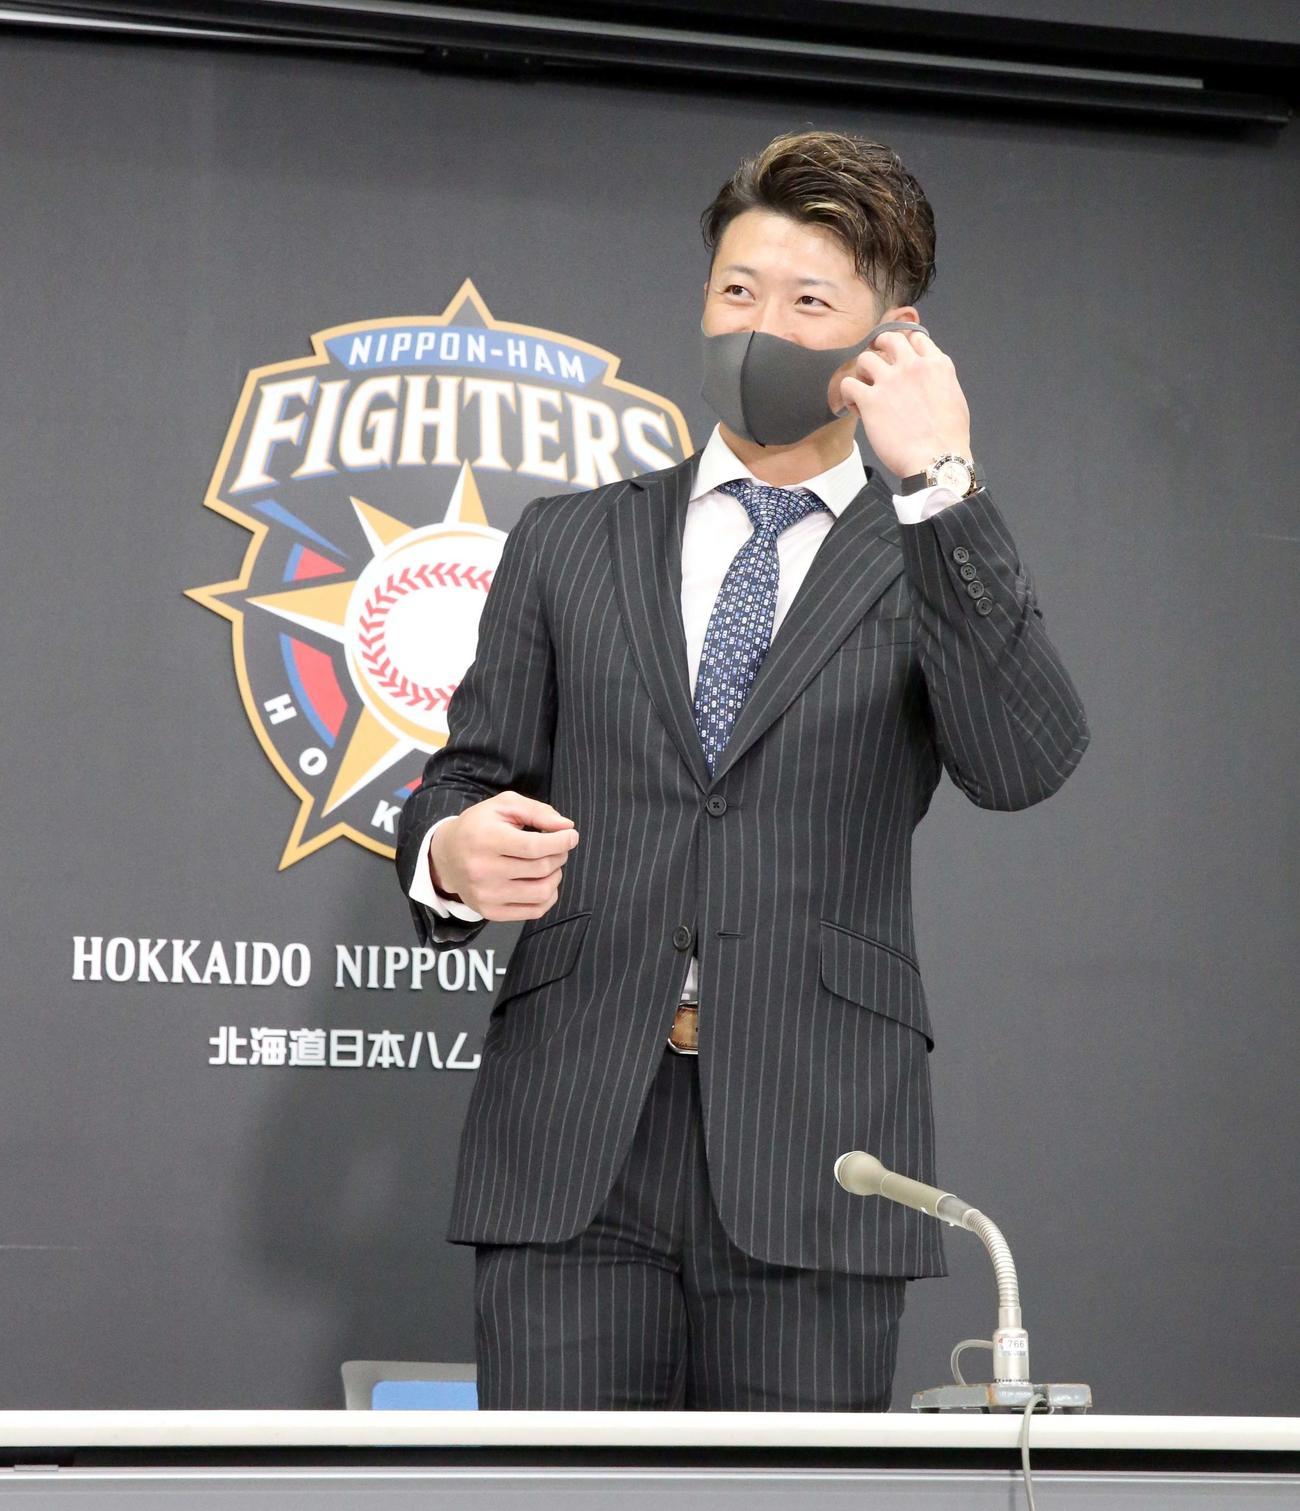 契約更改を終えマスク姿で会見場に現れる日本ハム西川(撮影・佐藤翔太)